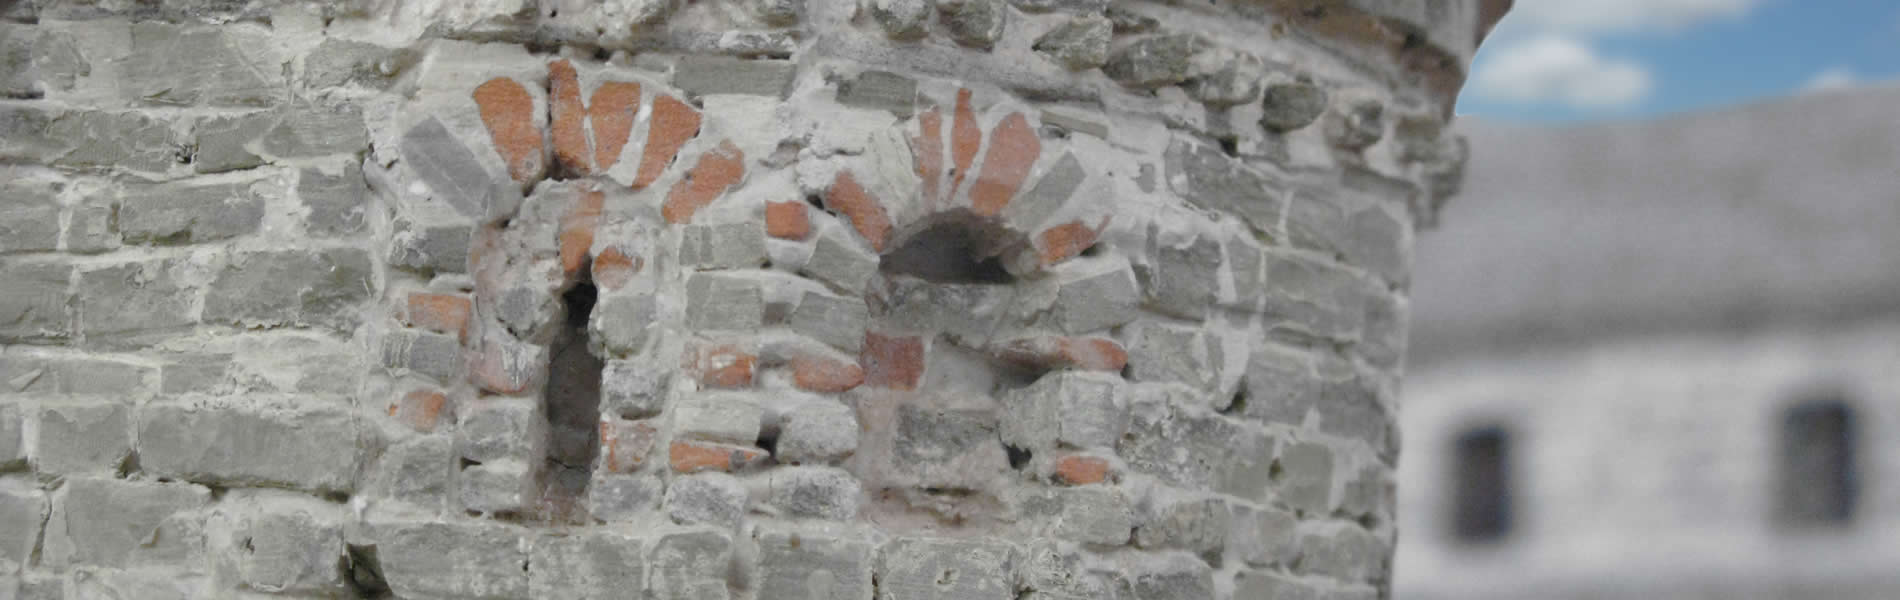 Δημιουργίες πέτρινων έργων (τοξοτά γεφύρια, εκκλησίες, σπίτια κ.λ.π.) σε μικρογραφία. Ανδρέας Τέφος